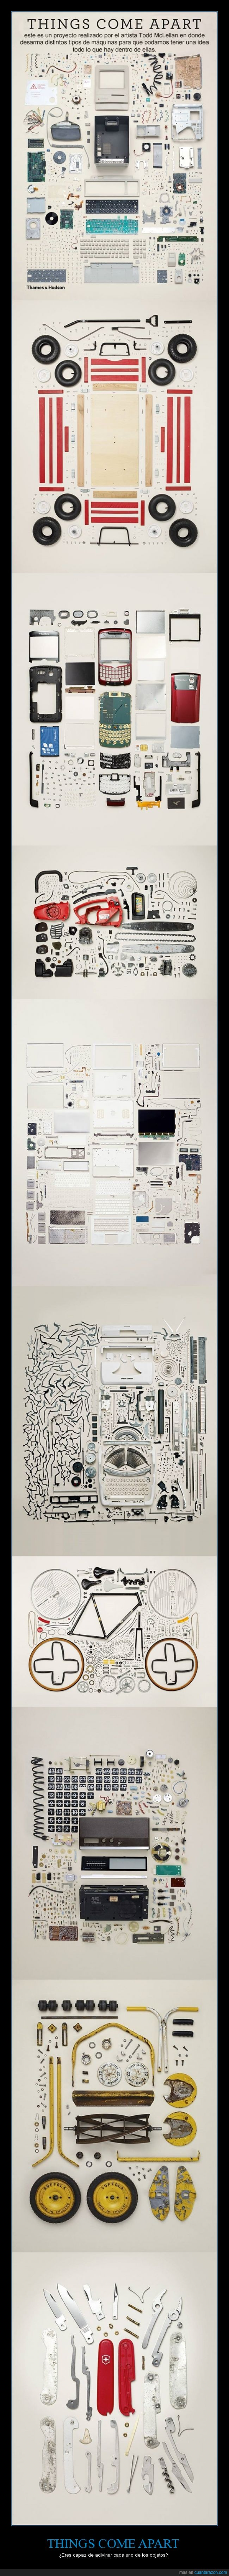 arte,cosas,desarmadas,desmontar,fotografía,pieza,Things,Todd Mclellan